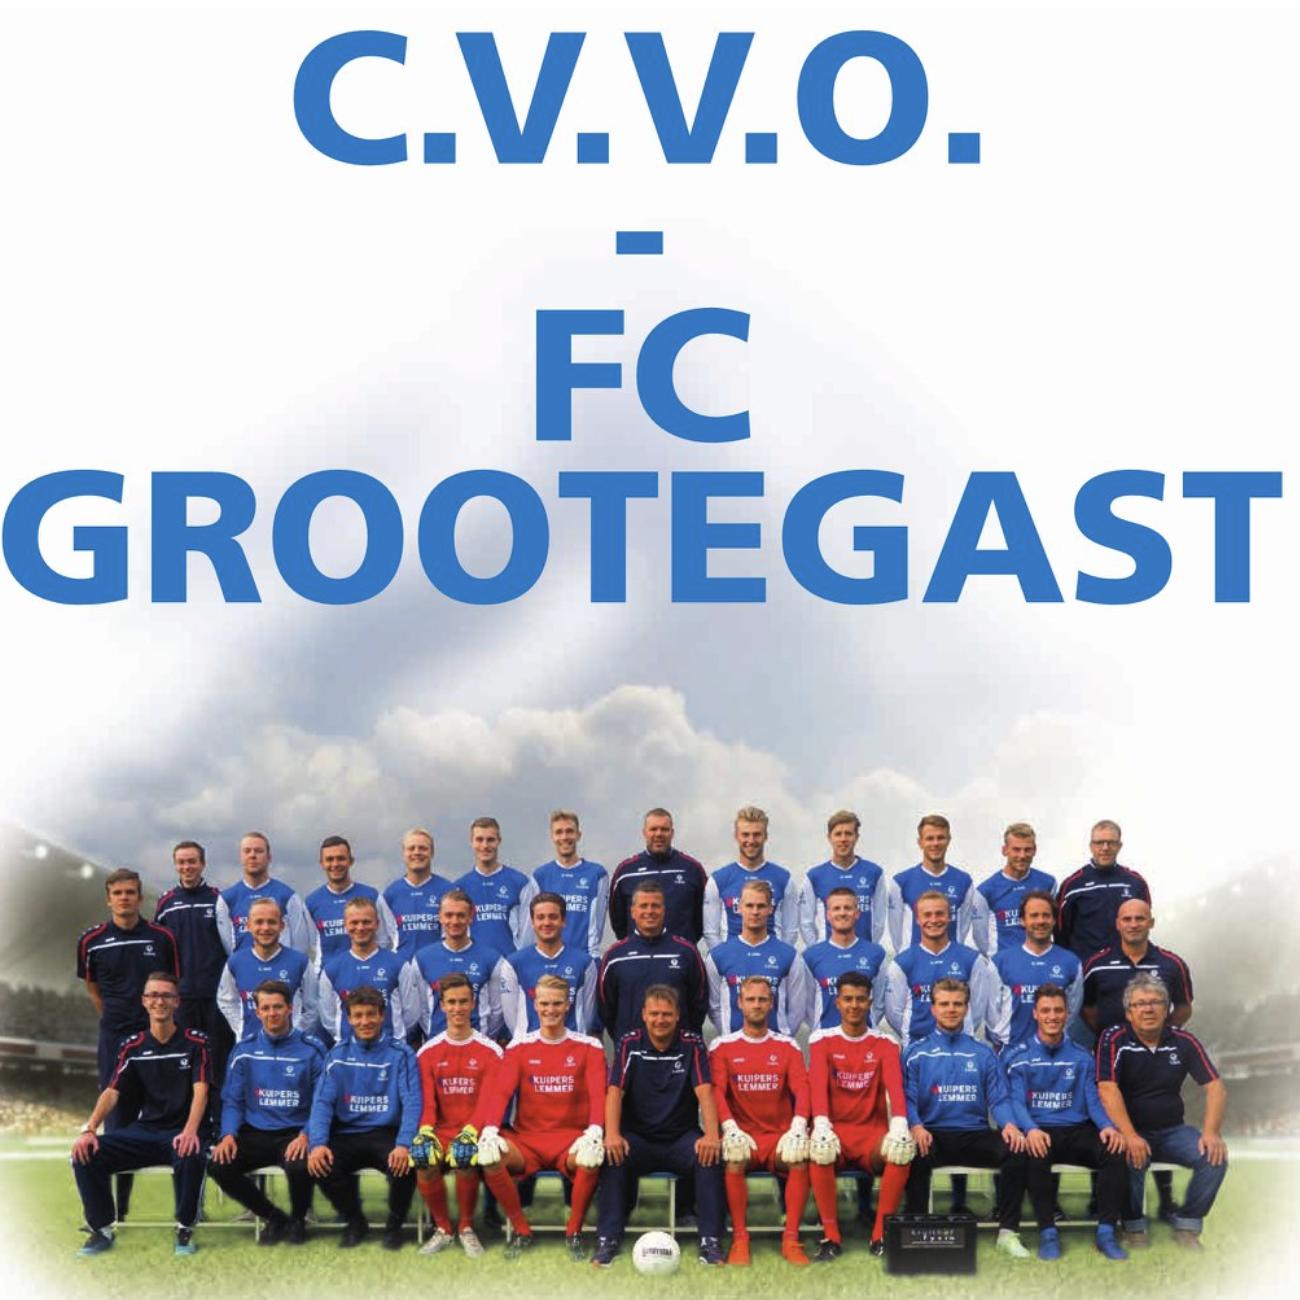 Eerste thuiswedstrijd C.V.V.O. 1 van 2018